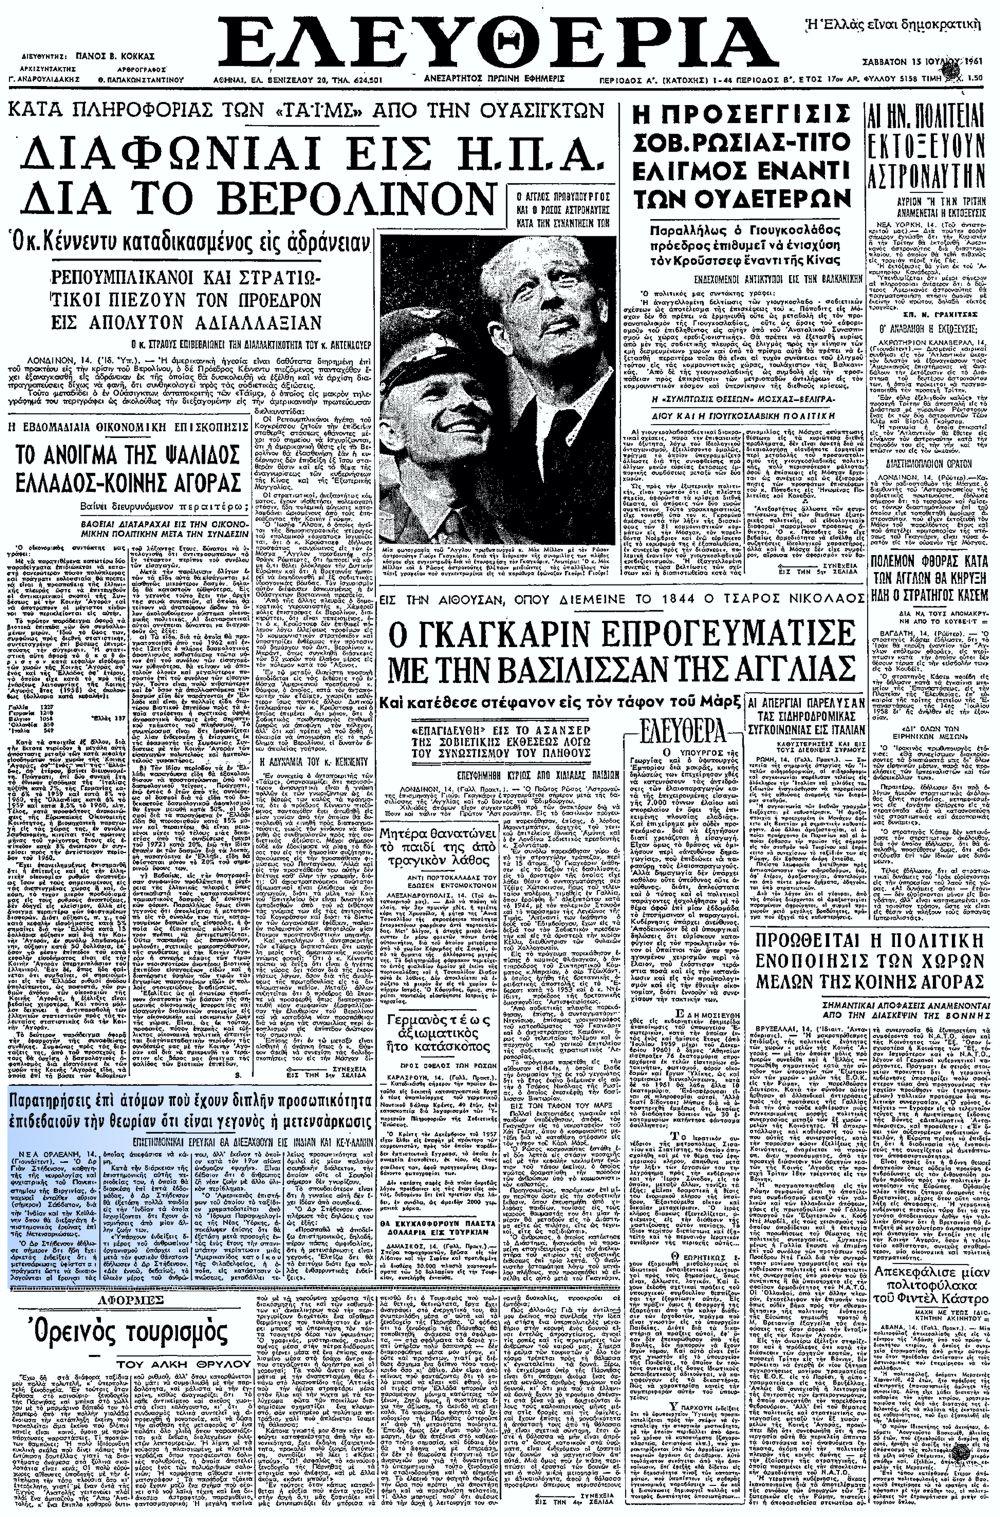 """Το άρθρο, όπως δημοσιεύθηκε στην εφημερίδα """"ΕΛΕΥΘΕΡΙΑ"""", στις 15/07/1961"""